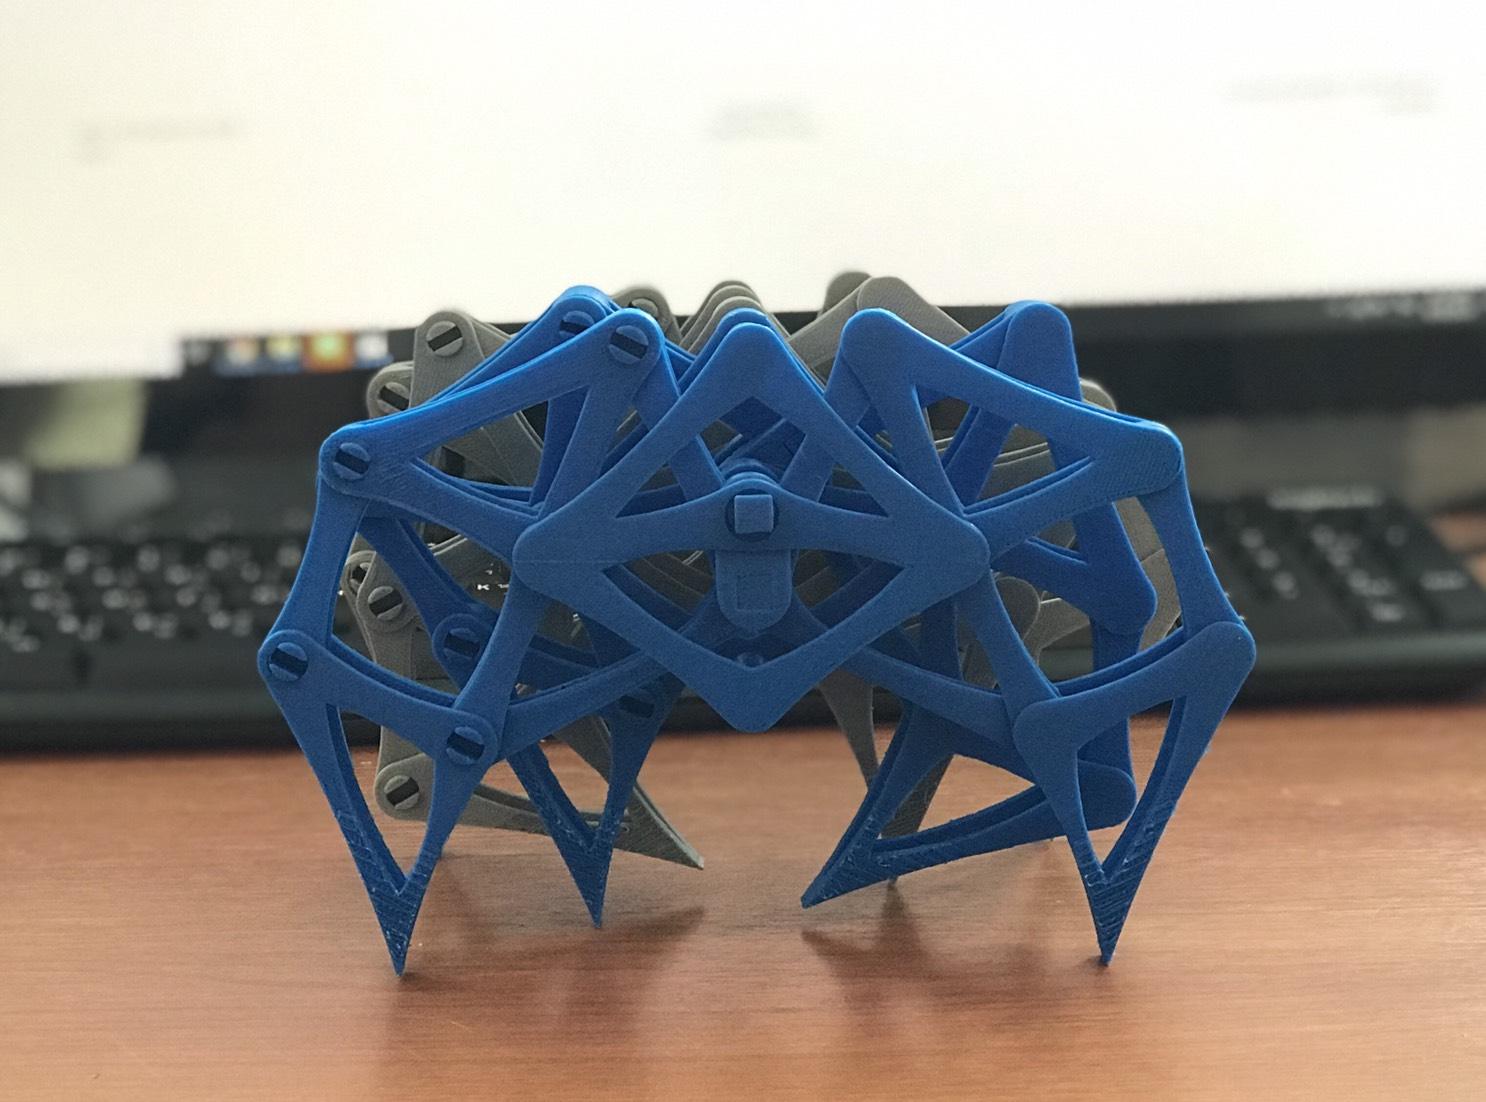 กลไกลขาแมงมุมจากเครื่องพิมพ์3มิติ